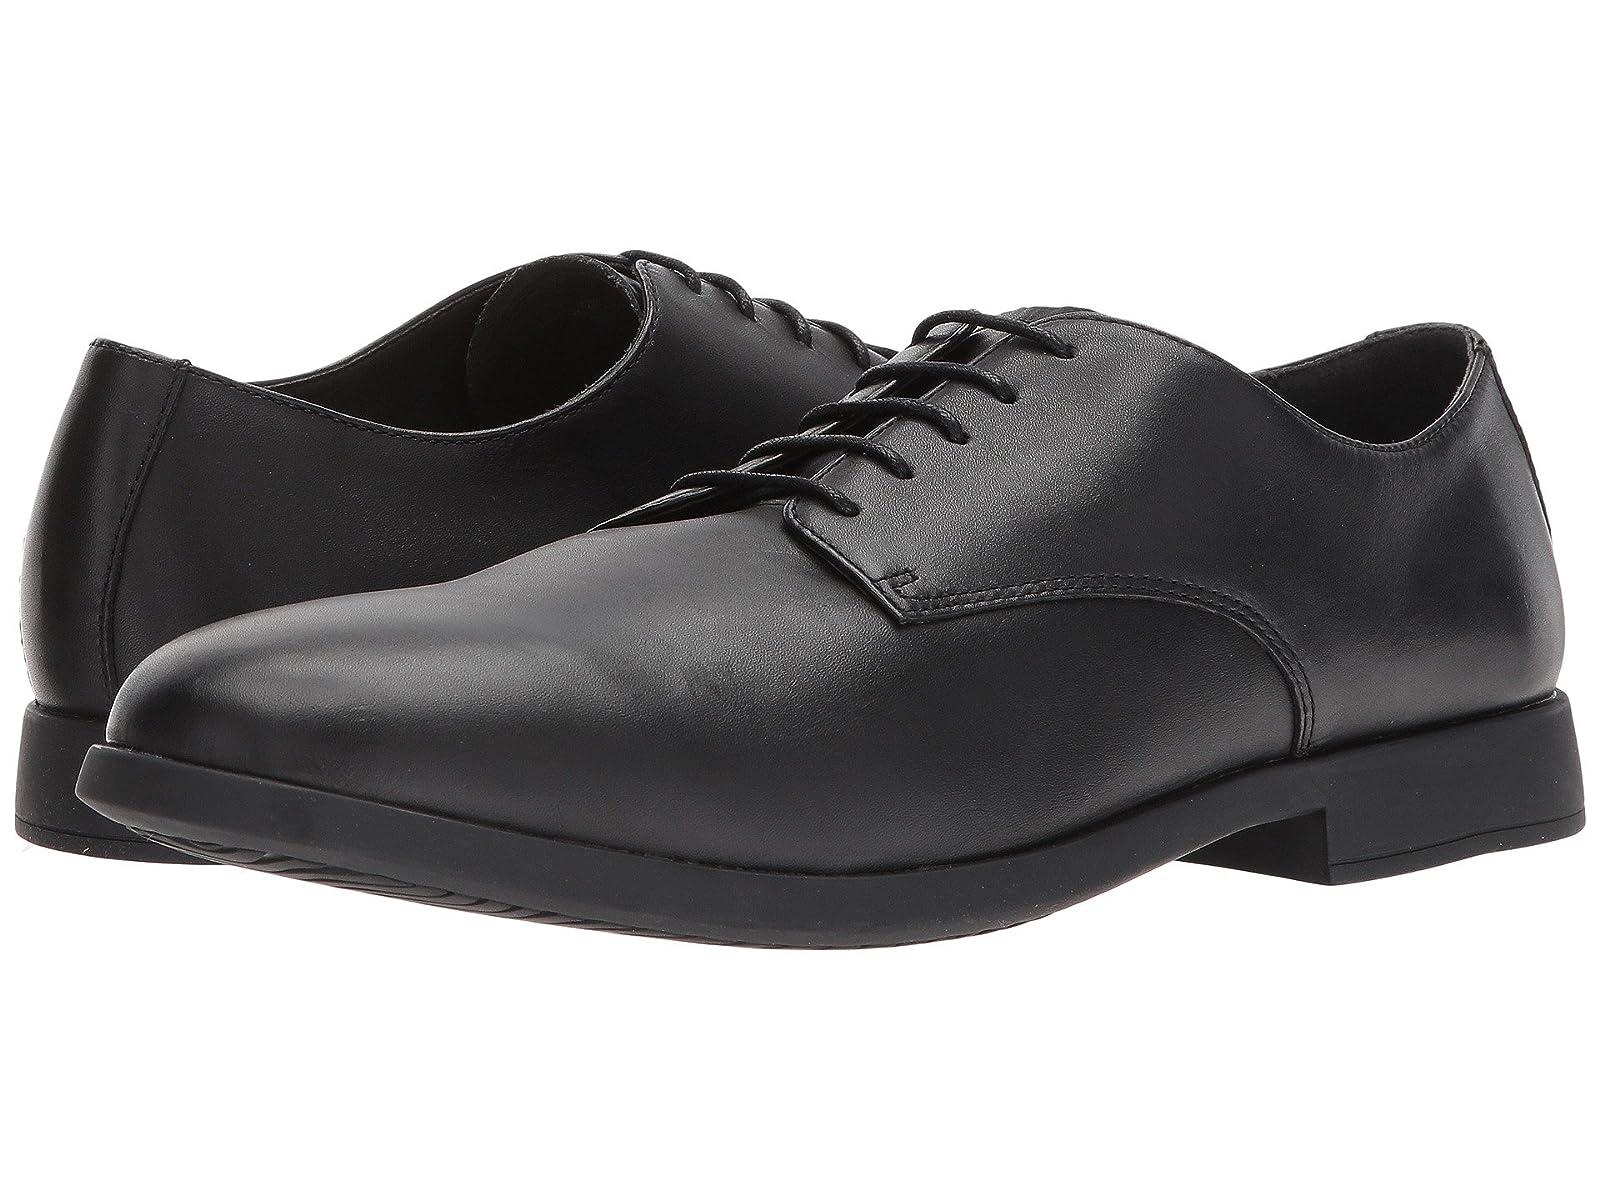 Camper Truman - K100243Atmospheric grades have affordable shoes